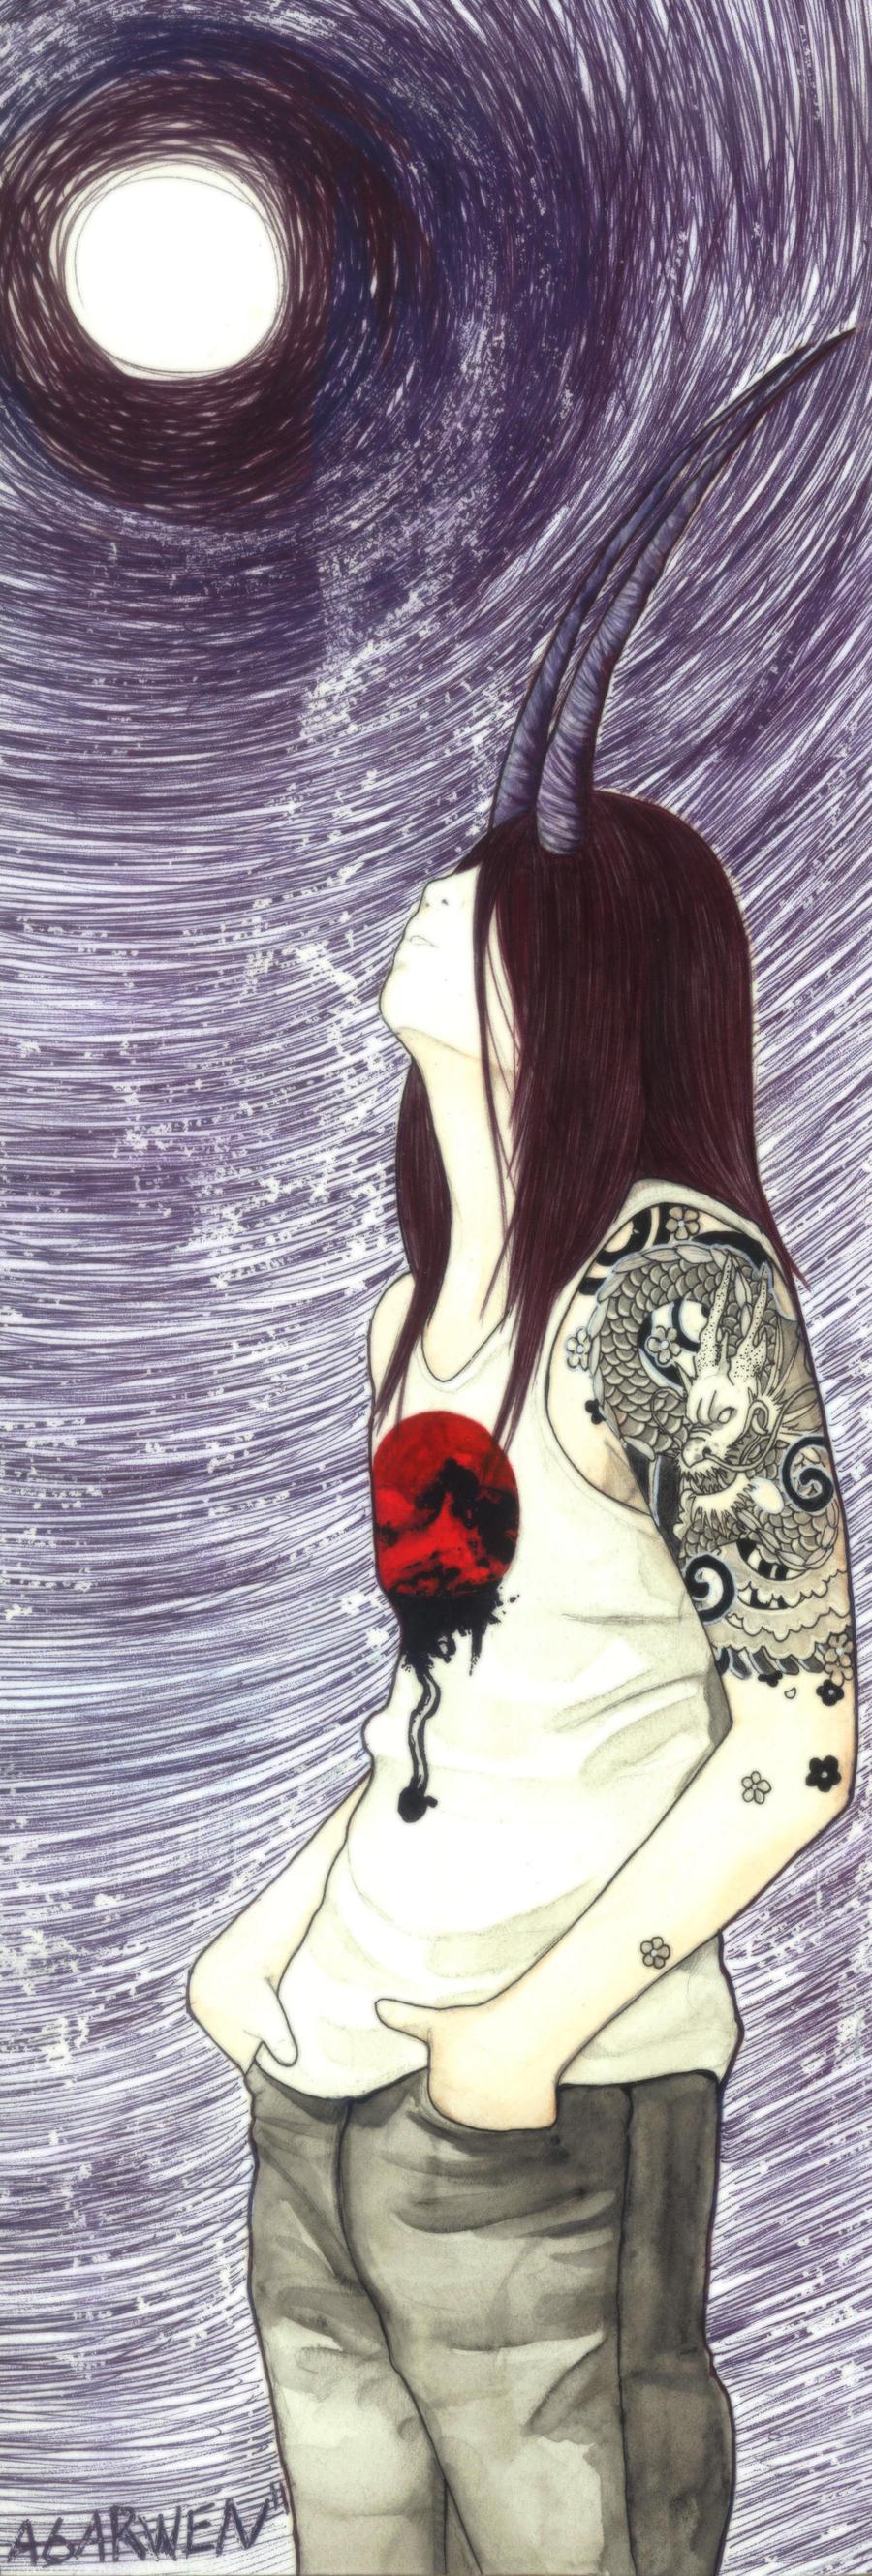 SILENCE by Agarwen